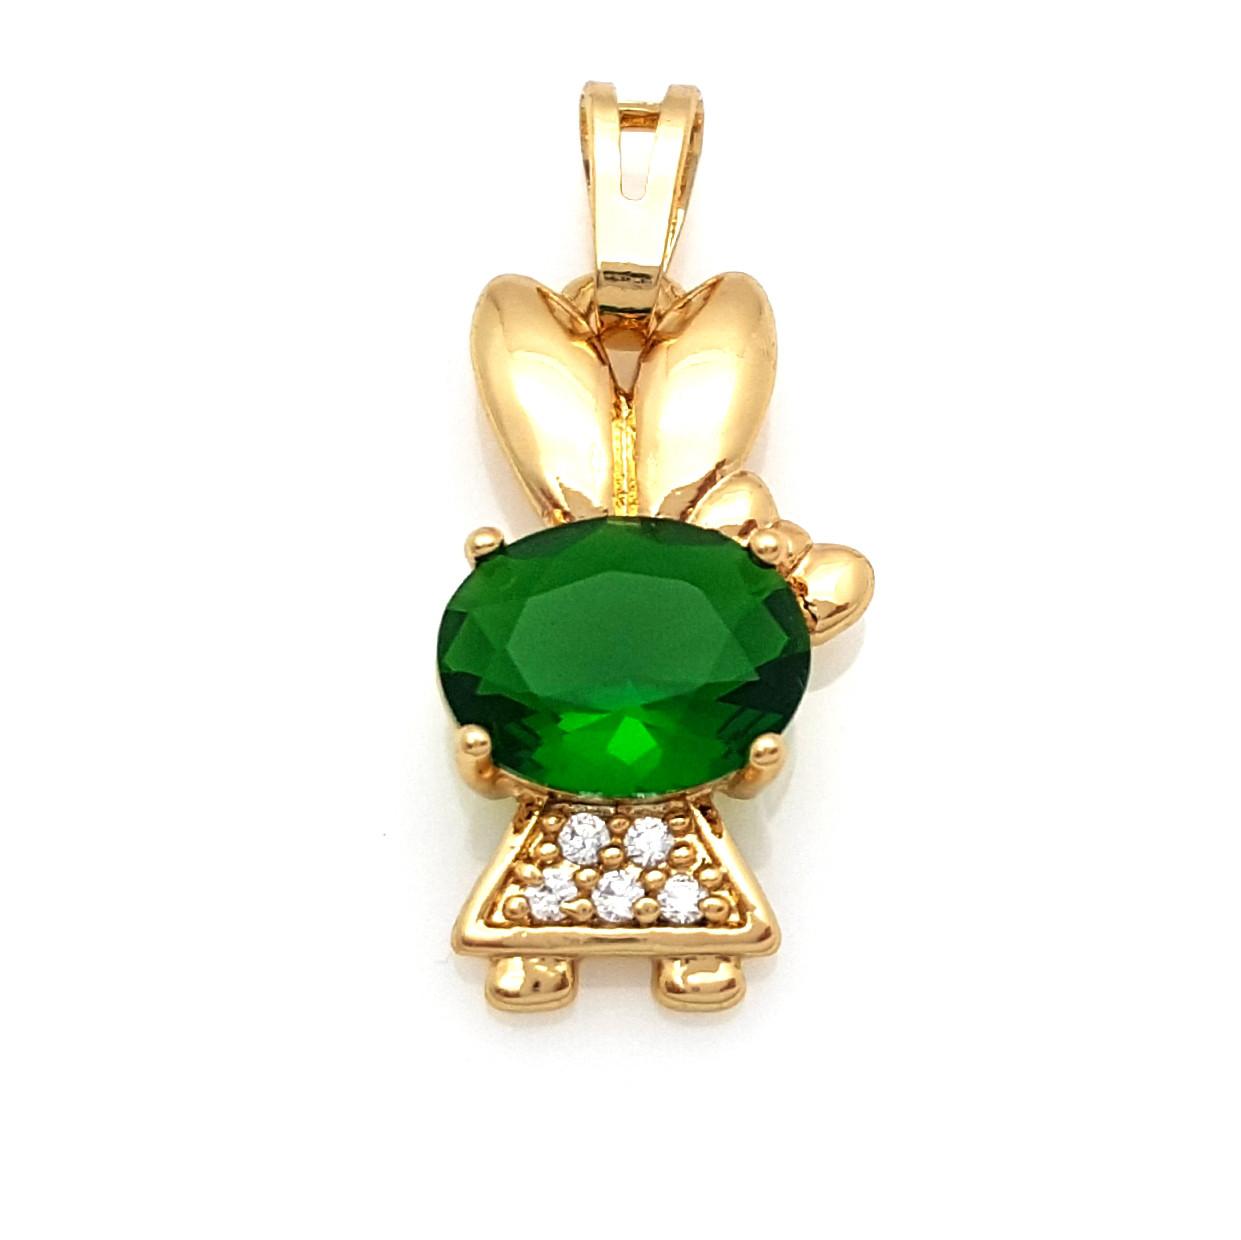 Кулон позолоченный, Зайка со вставкой зеленого циркония, Xuping, 18К